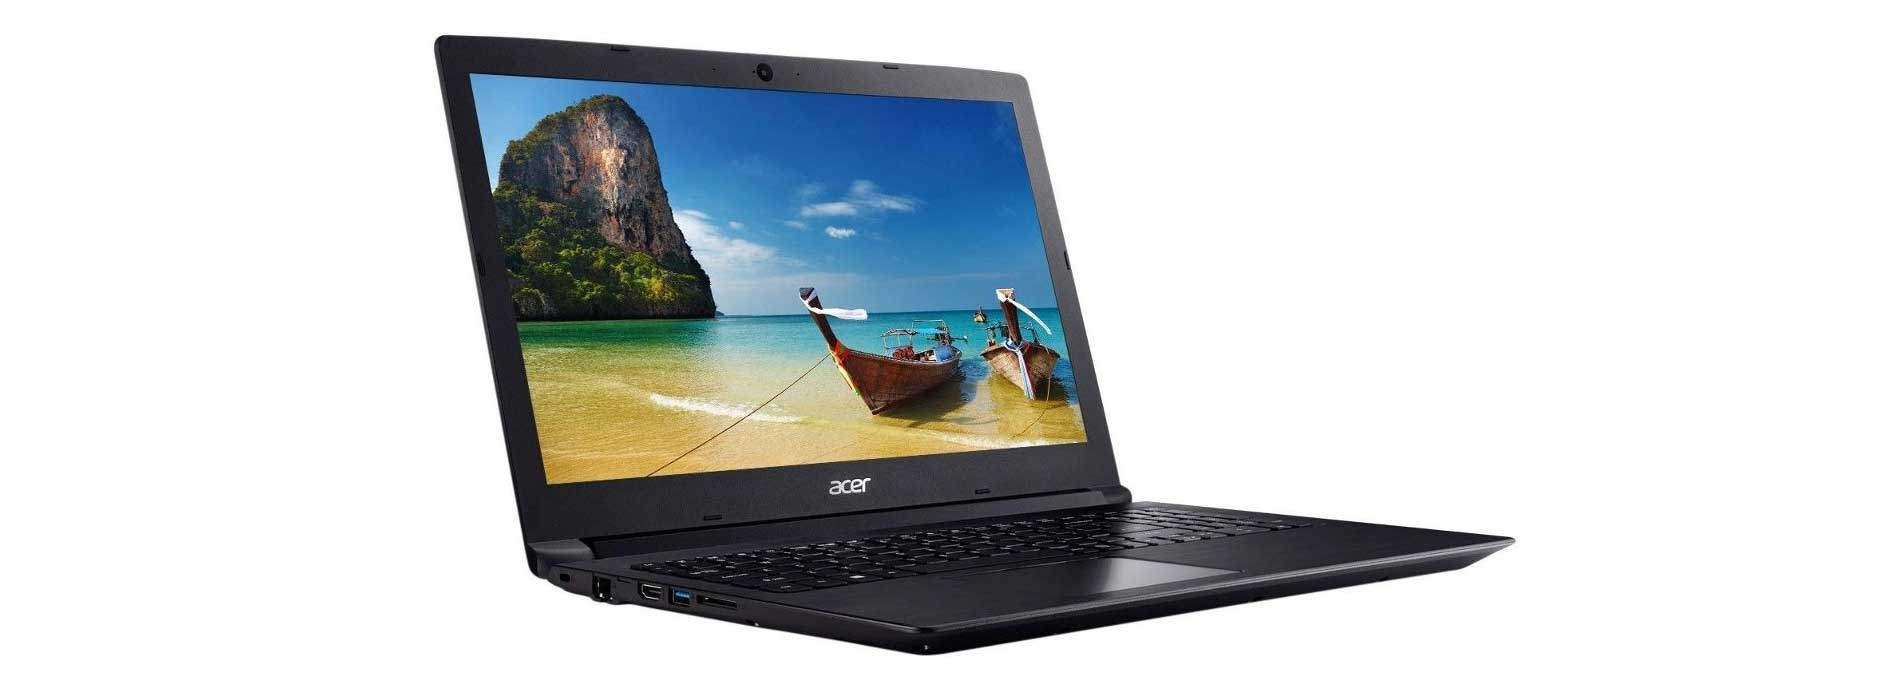 Acer Aspire A315: VALE A PENA um NOTEBOOK com AMD RYZEN 3?